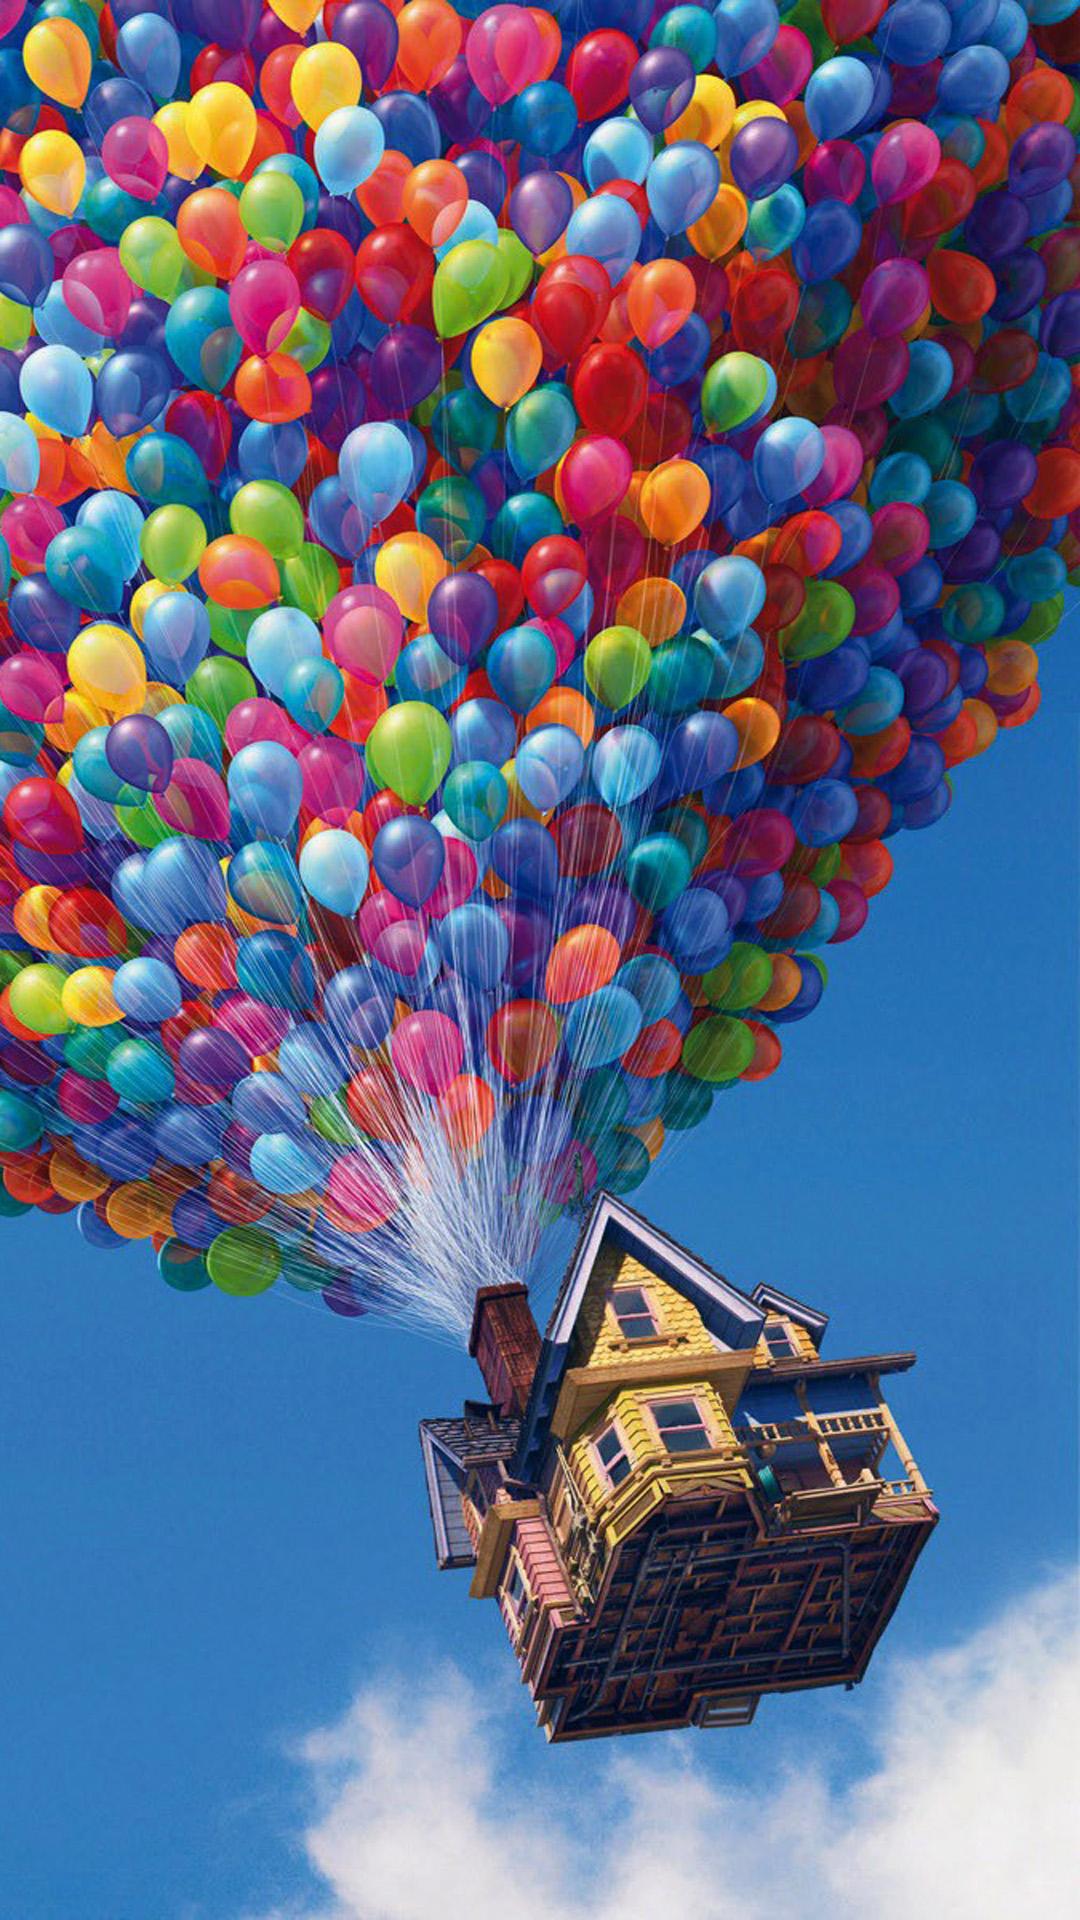 Воздушные шарики - обои для мобильного: htc-one-m8.ru/wiev-photo-177.php